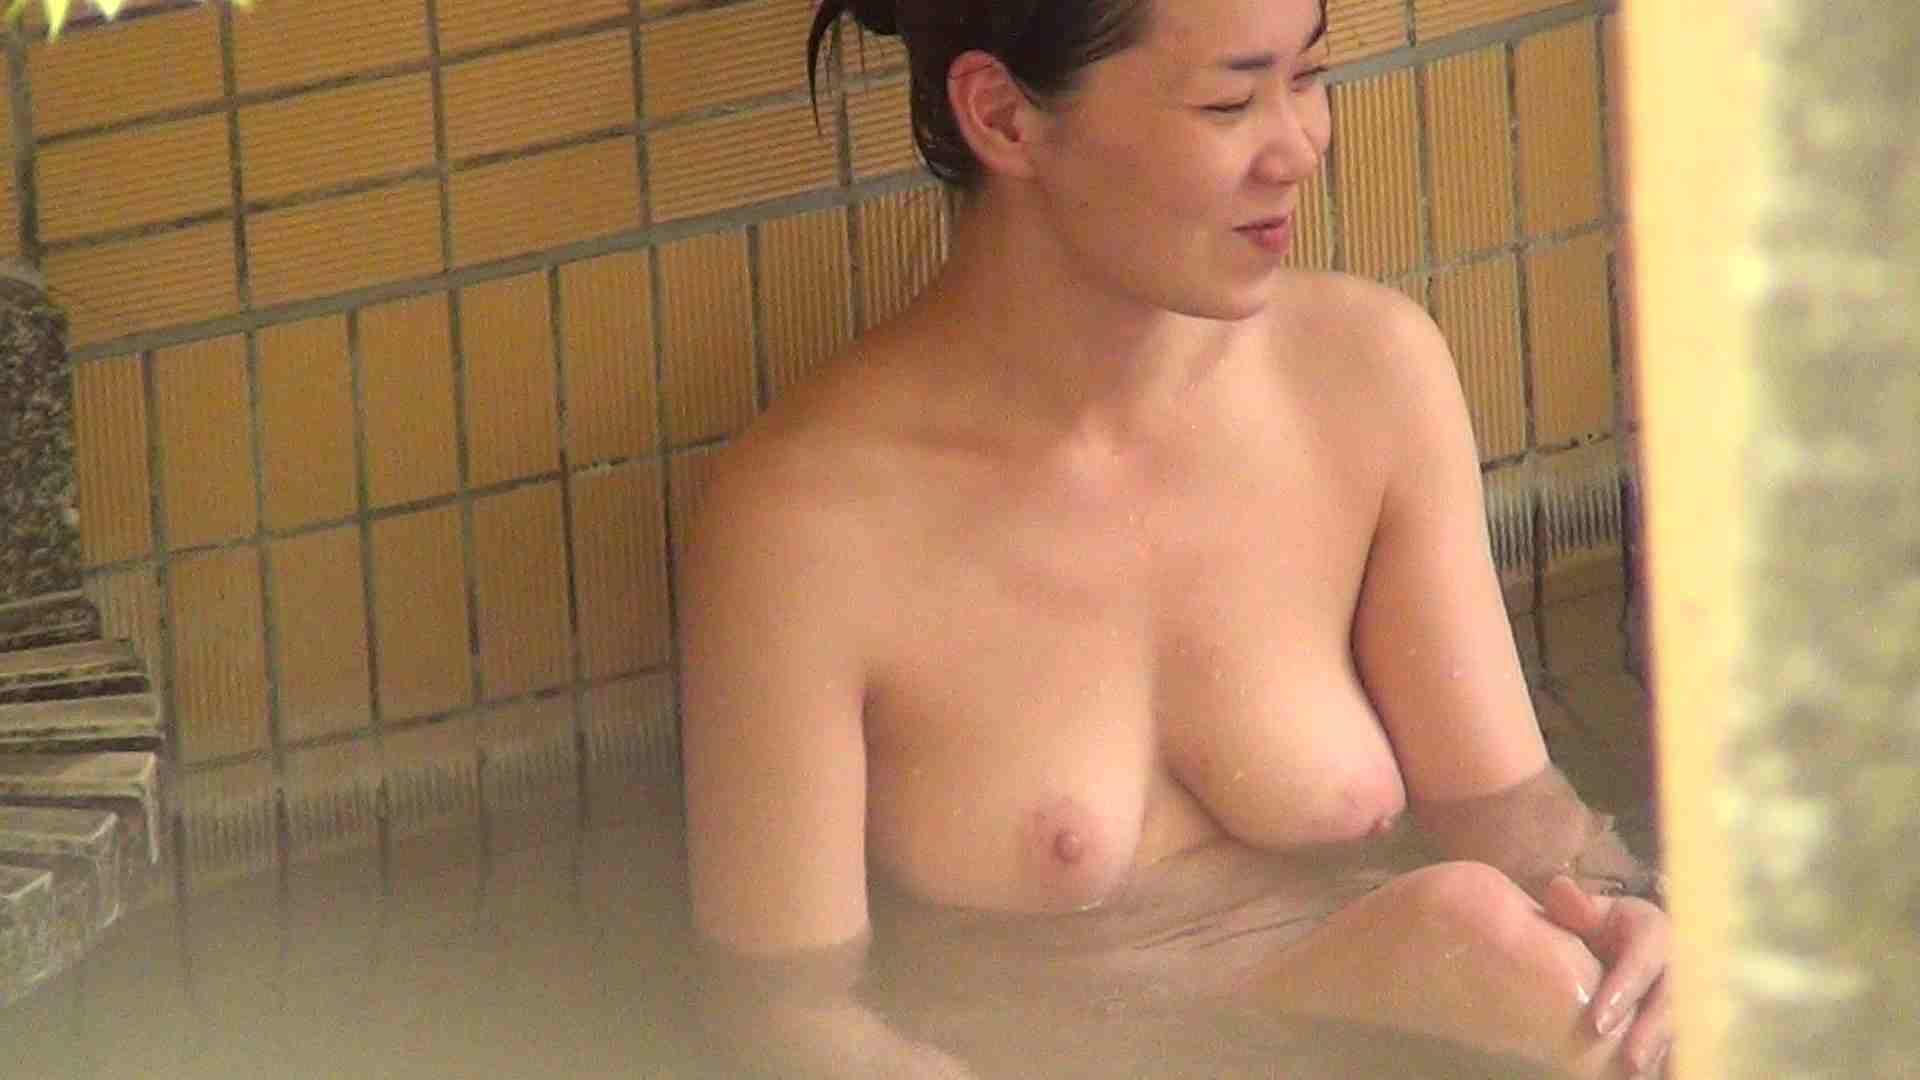 Aquaな露天風呂Vol.238 女体盗撮 盗撮えろ無修正画像 105連発 86